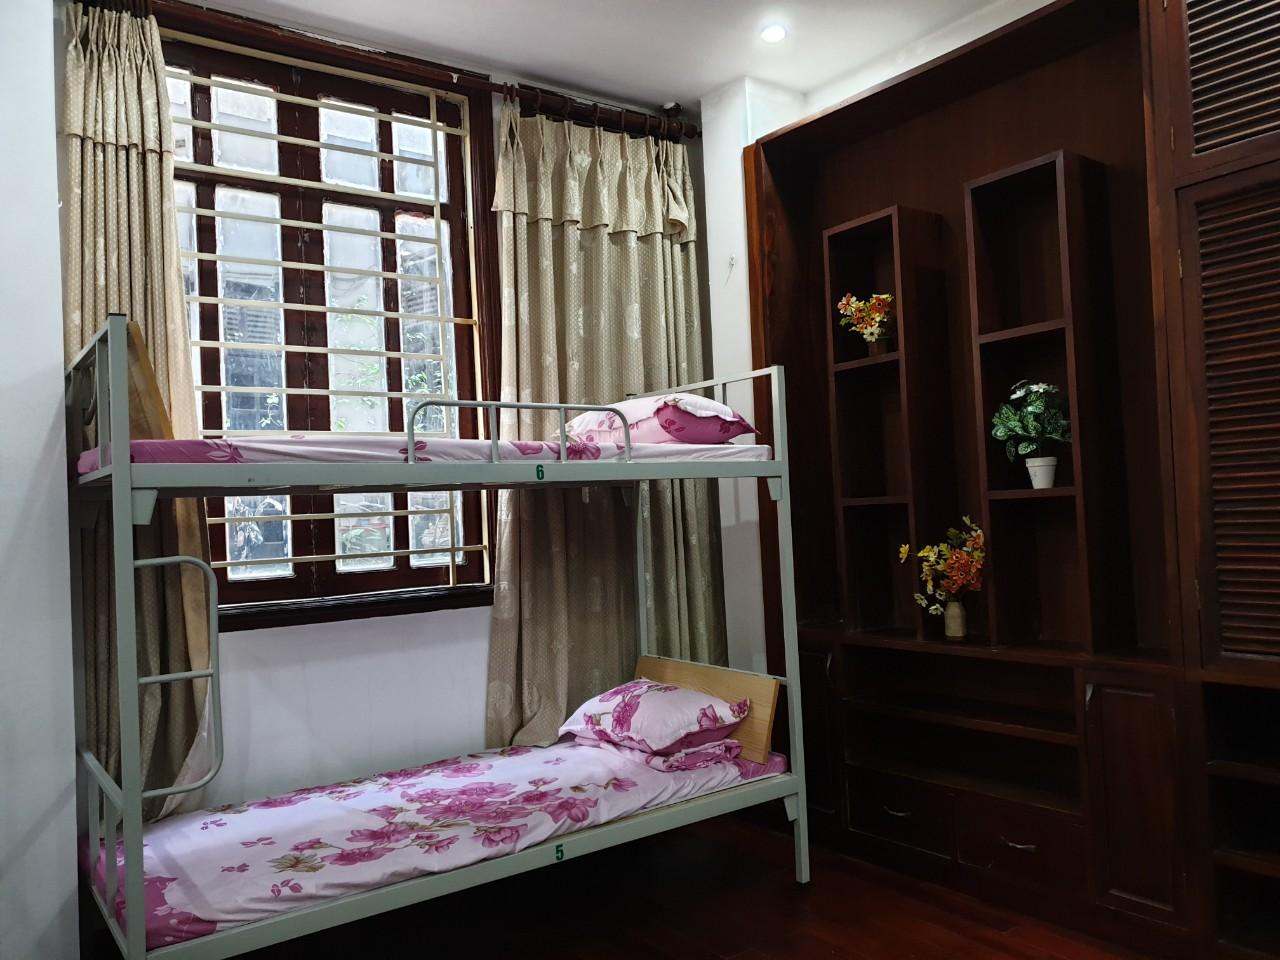 2 CHÍNH CHỦ cho thuê phòng trọ khép kín 262b Nguyễn Trãi, gần trường Nhân Văn